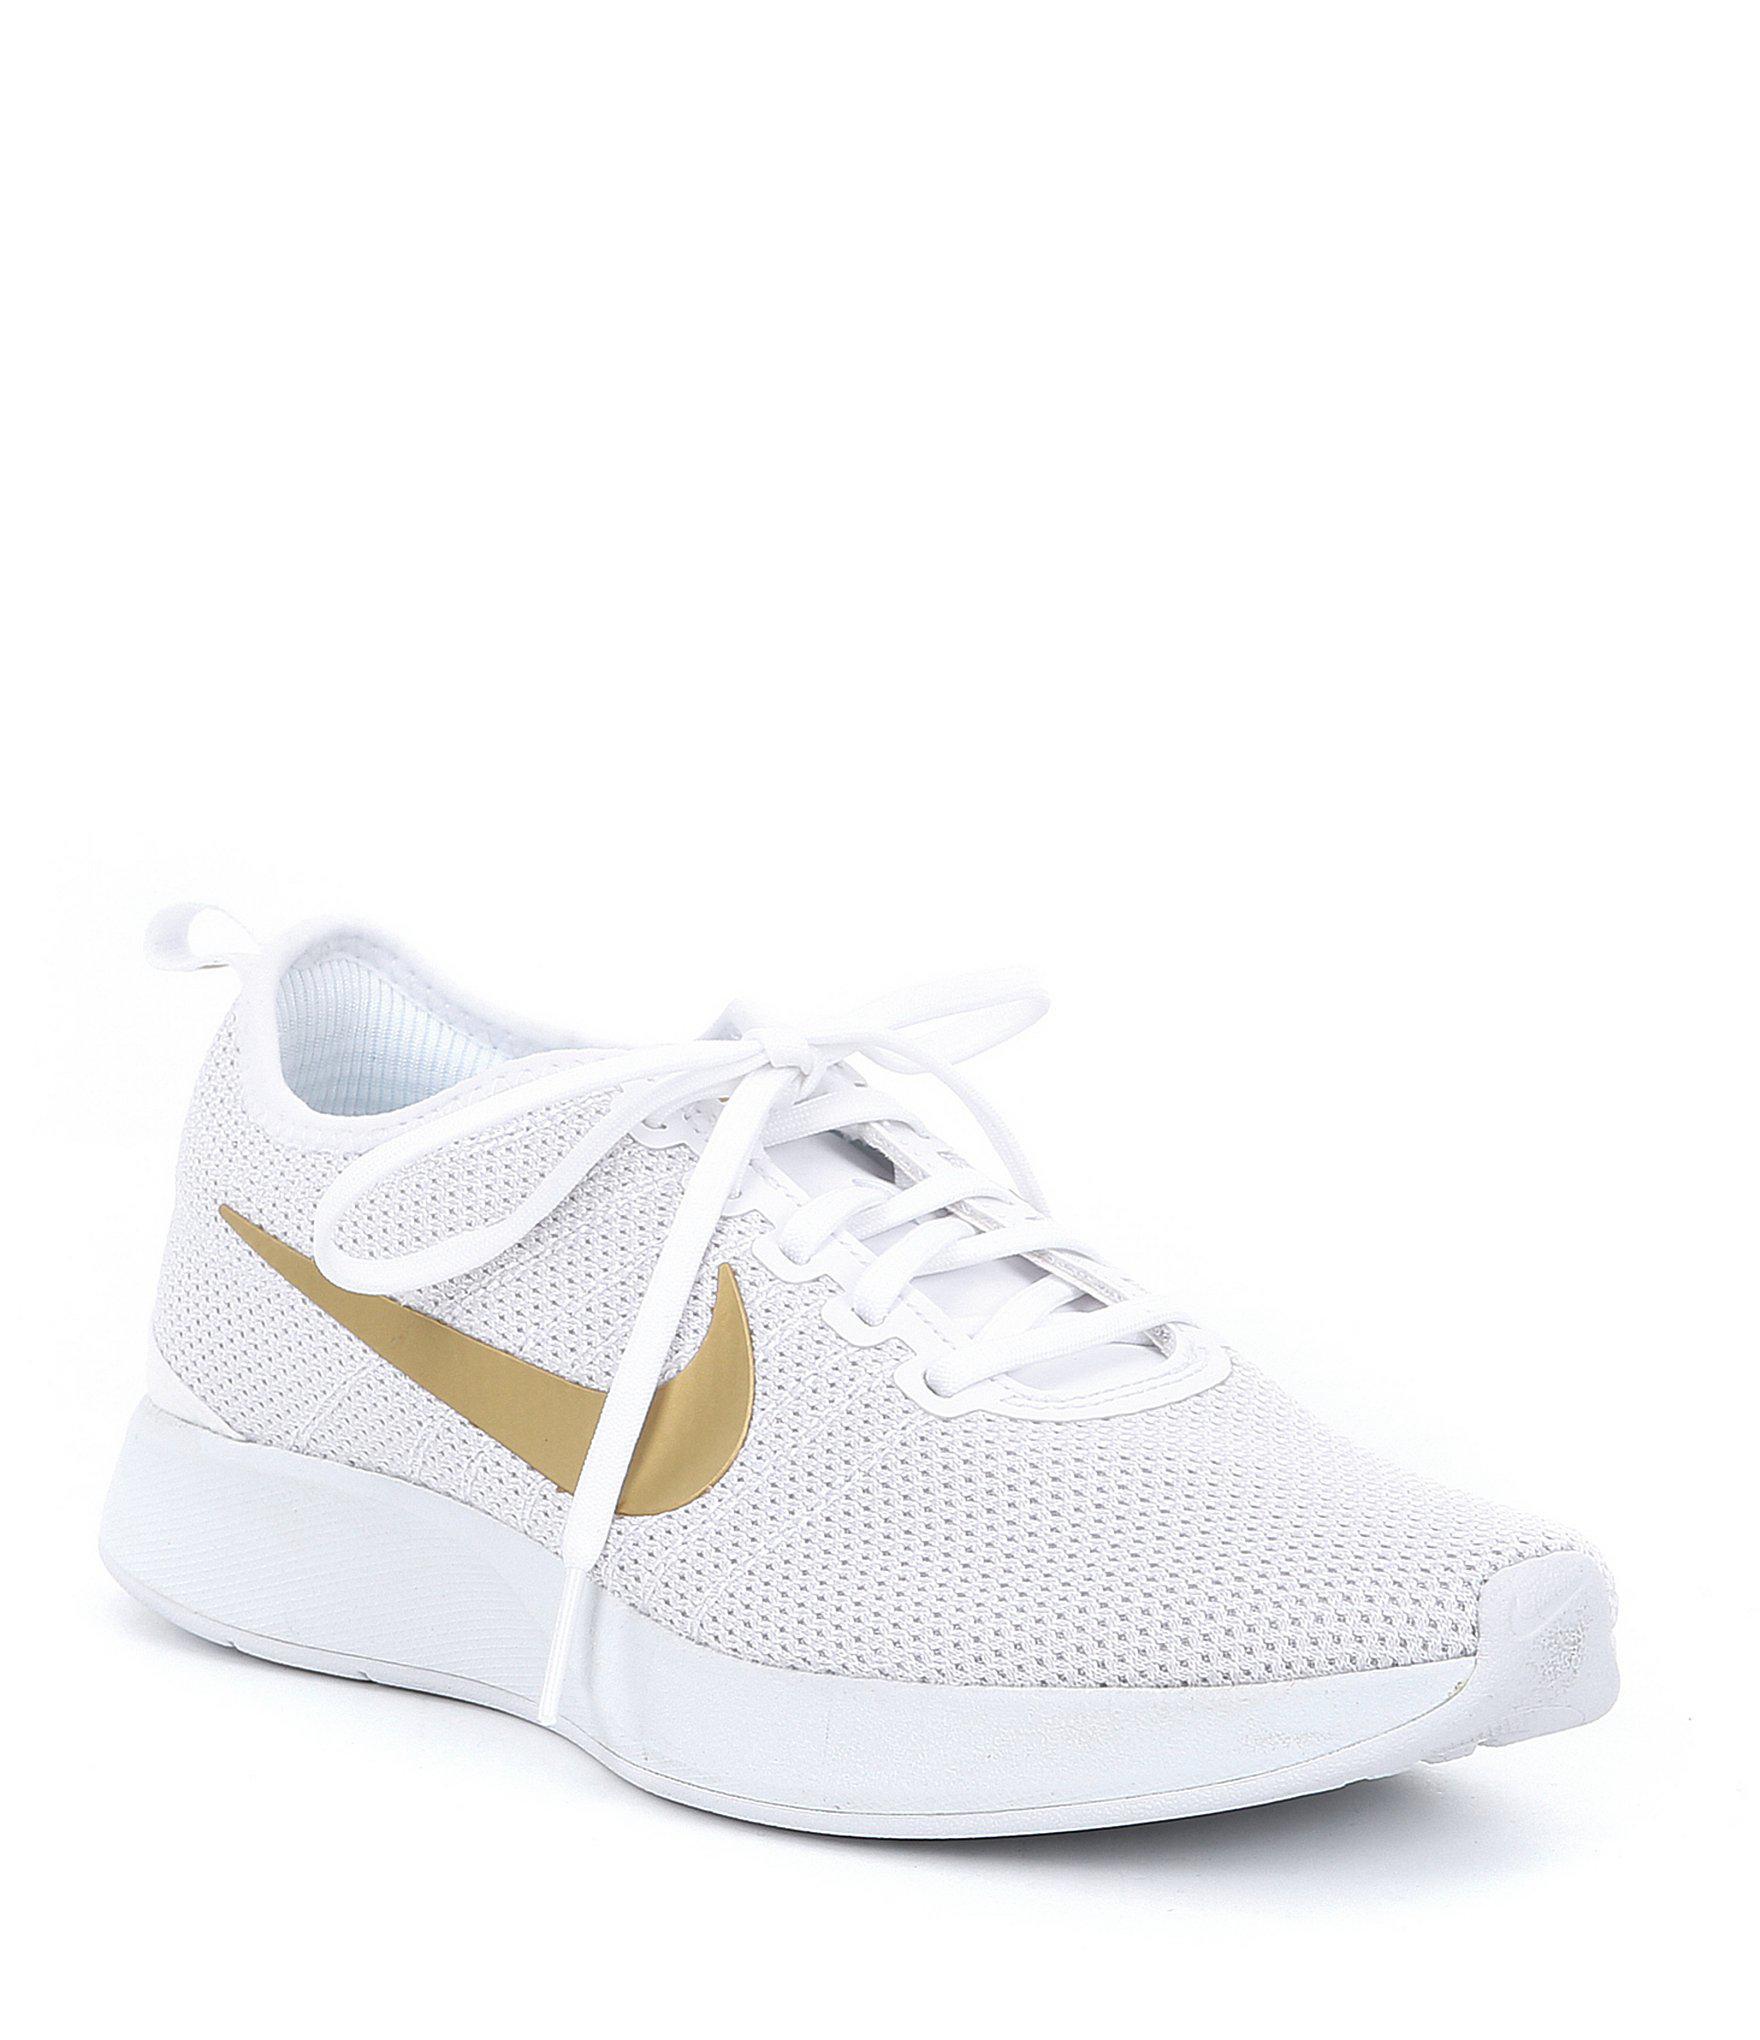 ad566ff5751c Lyst - Nike Women s Dualtone Racer Se Sneakers in White